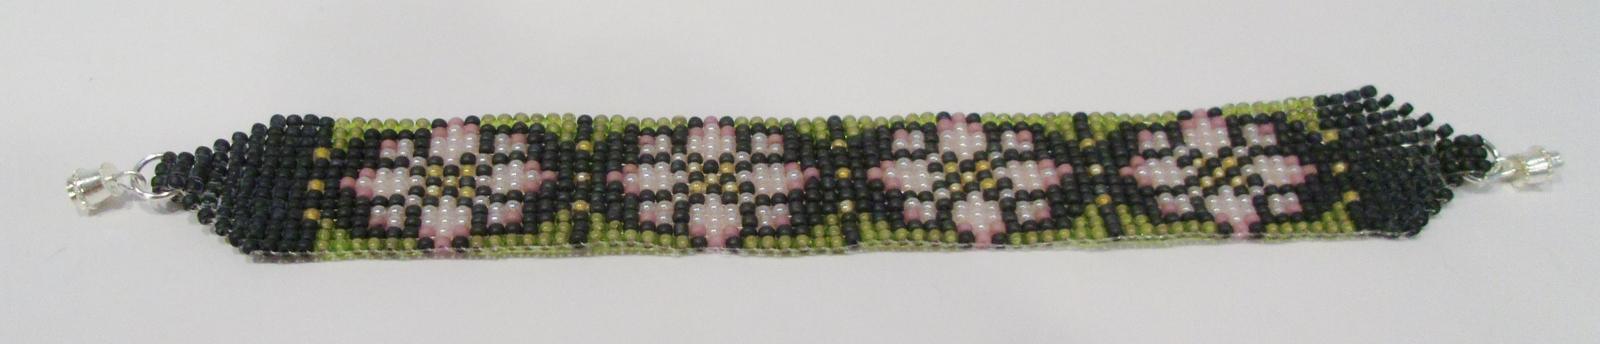 handmade Christmas pink poinsettia pattern beaded bracelet